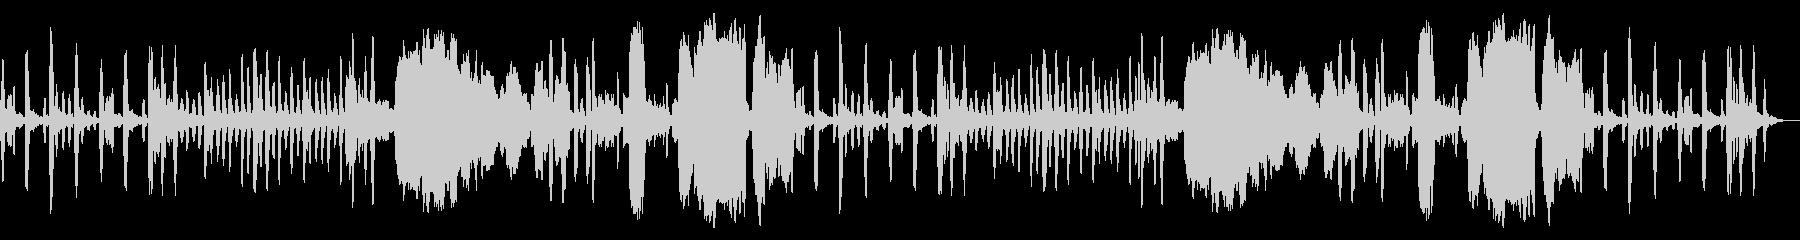 ほのぼの系BGM(リコーダー4重奏)の未再生の波形